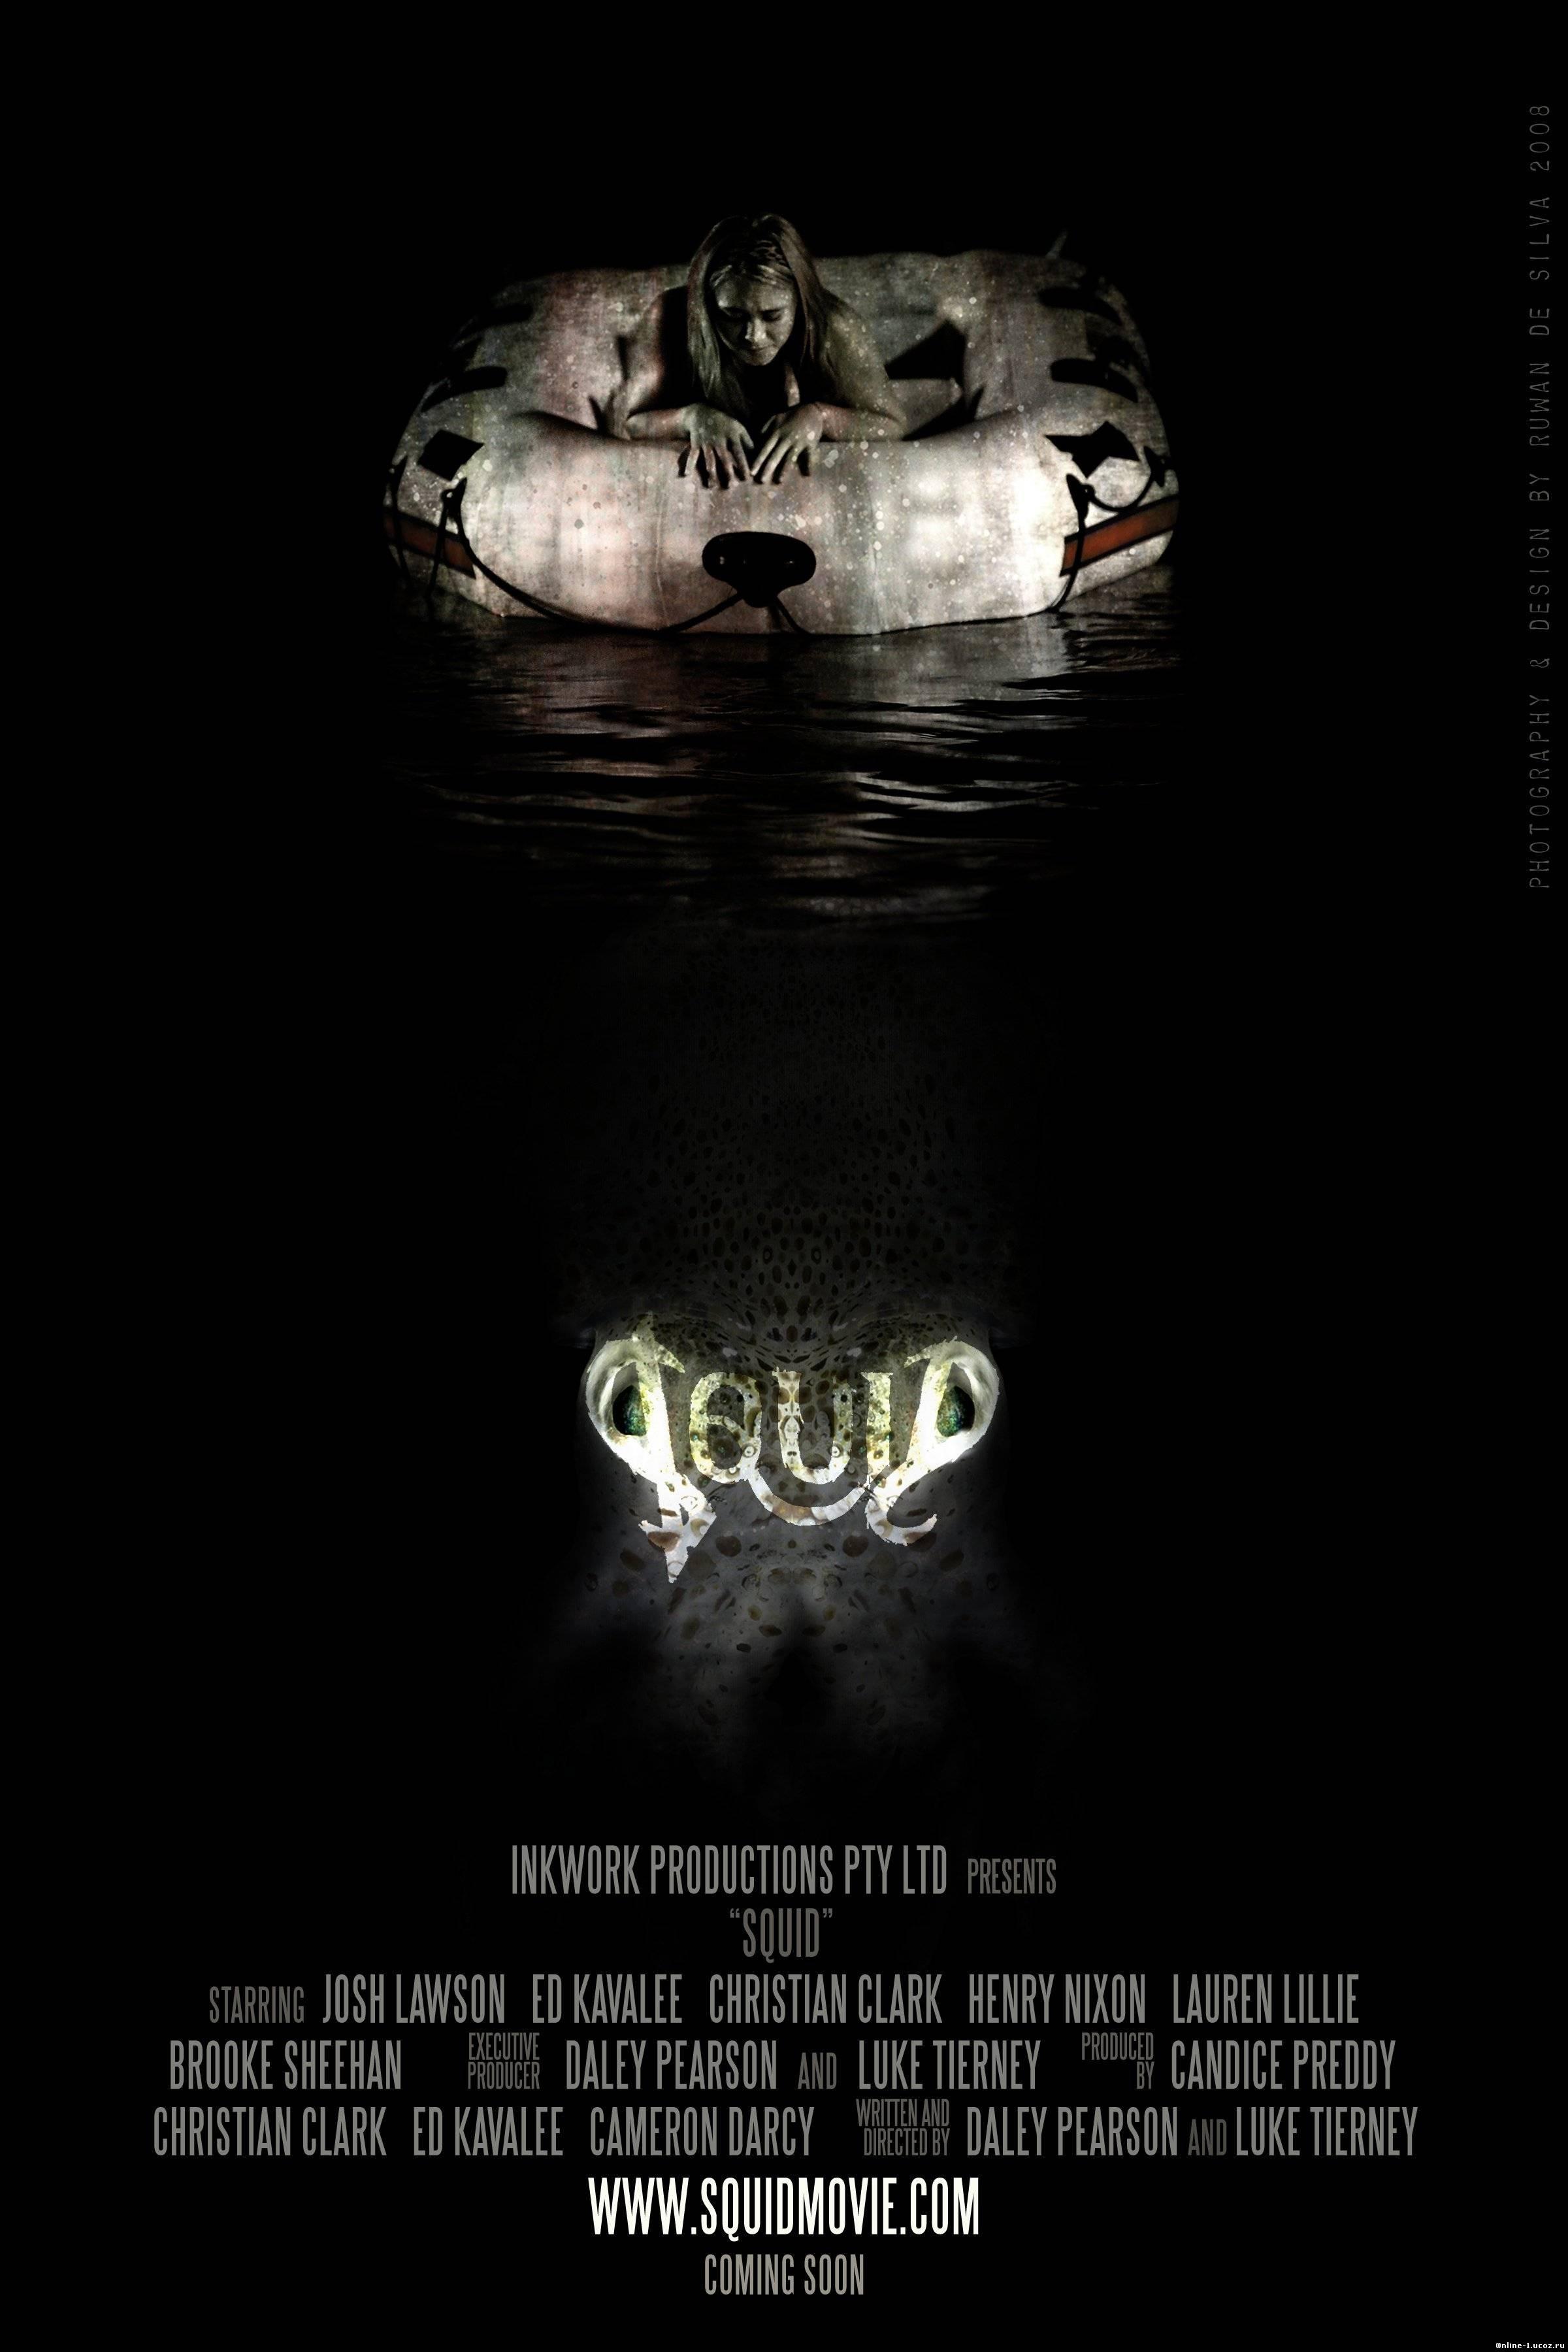 Смотреть фильм «2012» онлайн в хорошем качестве бесплатно ...